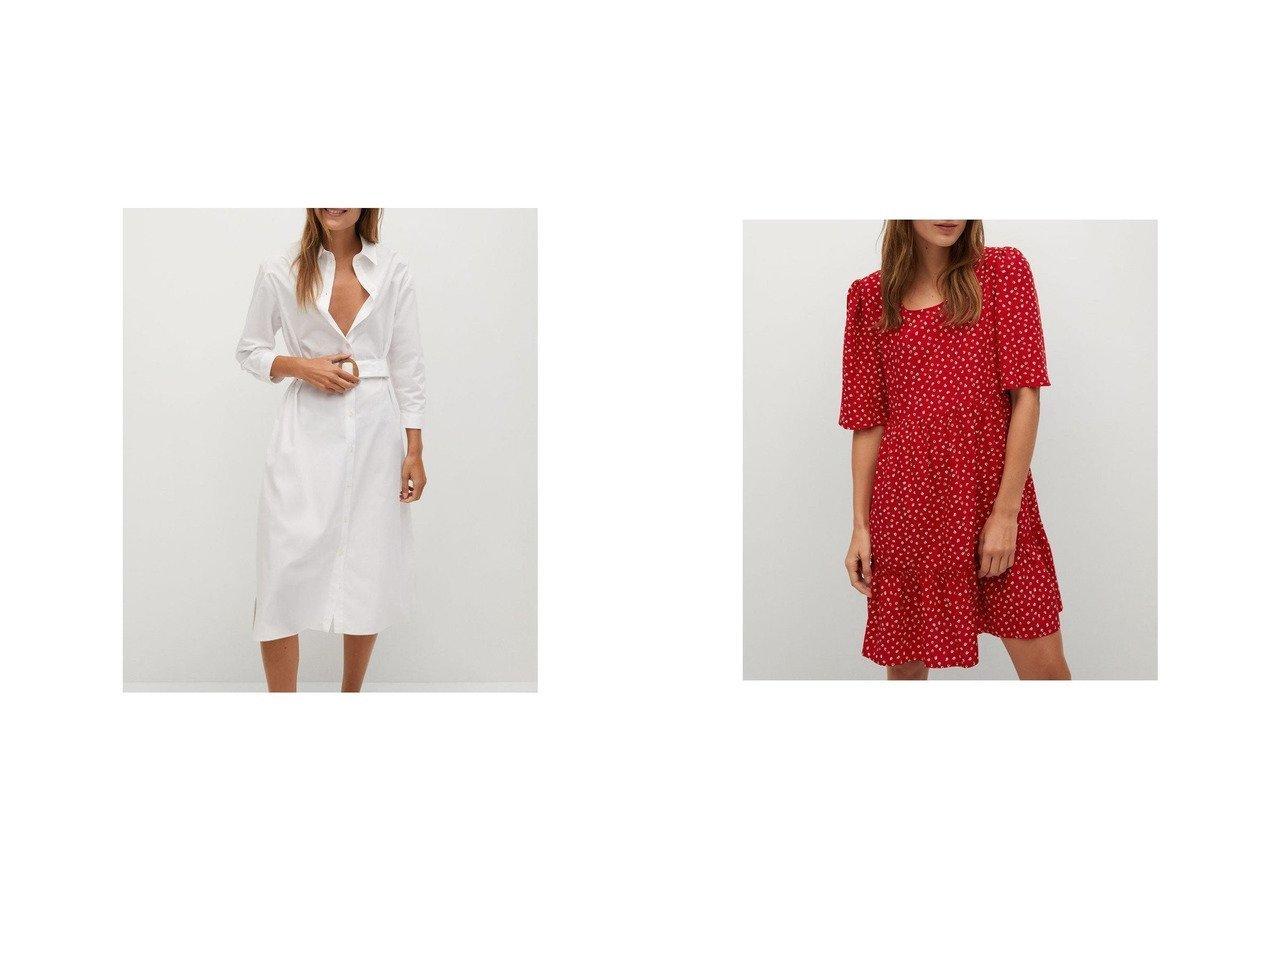 【MANGO/マンゴ】のロングワンピース .-- POPI&ミニワンピース .-- FRESA MANGOのおすすめ!人気、トレンド・レディースファッションの通販  おすすめで人気の流行・トレンド、ファッションの通販商品 メンズファッション・キッズファッション・インテリア・家具・レディースファッション・服の通販 founy(ファニー) https://founy.com/ ファッション Fashion レディースファッション WOMEN ワンピース Dress 2021年 2021 2021 春夏 S/S SS Spring/Summer 2021 S/S 春夏 SS Spring/Summer ストレート フロント ループ ロング 春 Spring 長袖 |ID:crp329100000017705